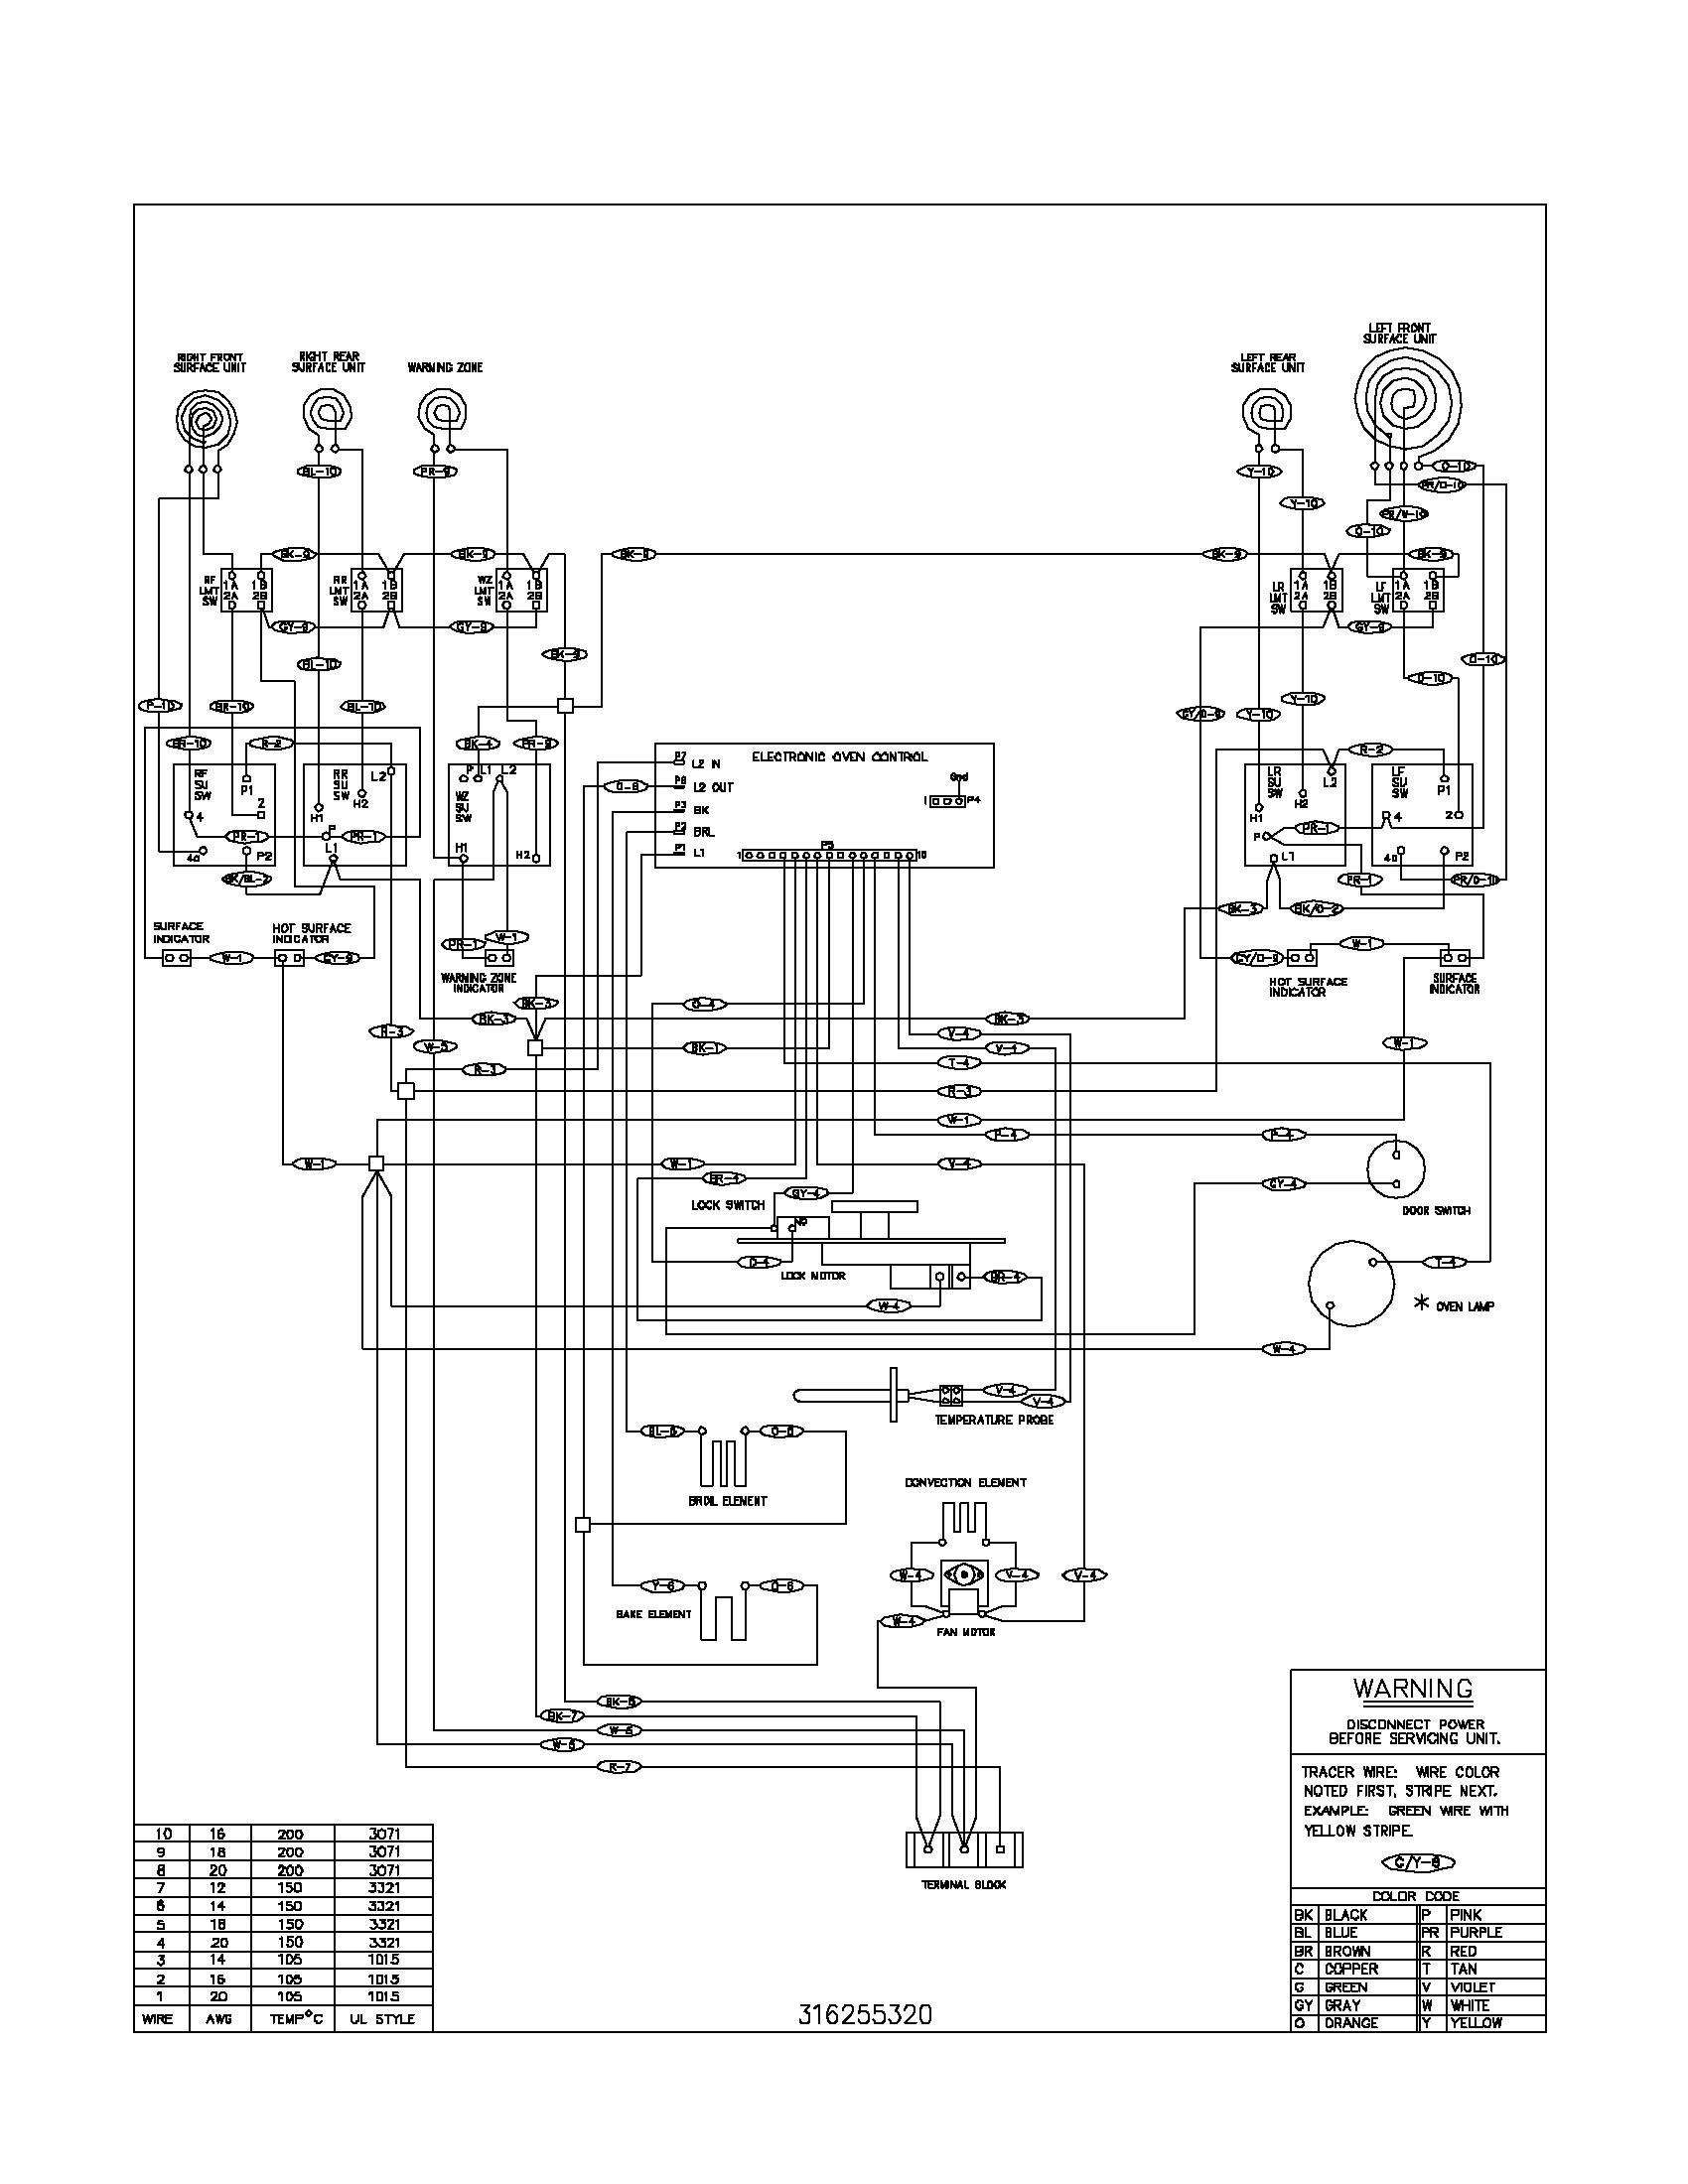 maytag washer wiring diagram for mhw5100dw0